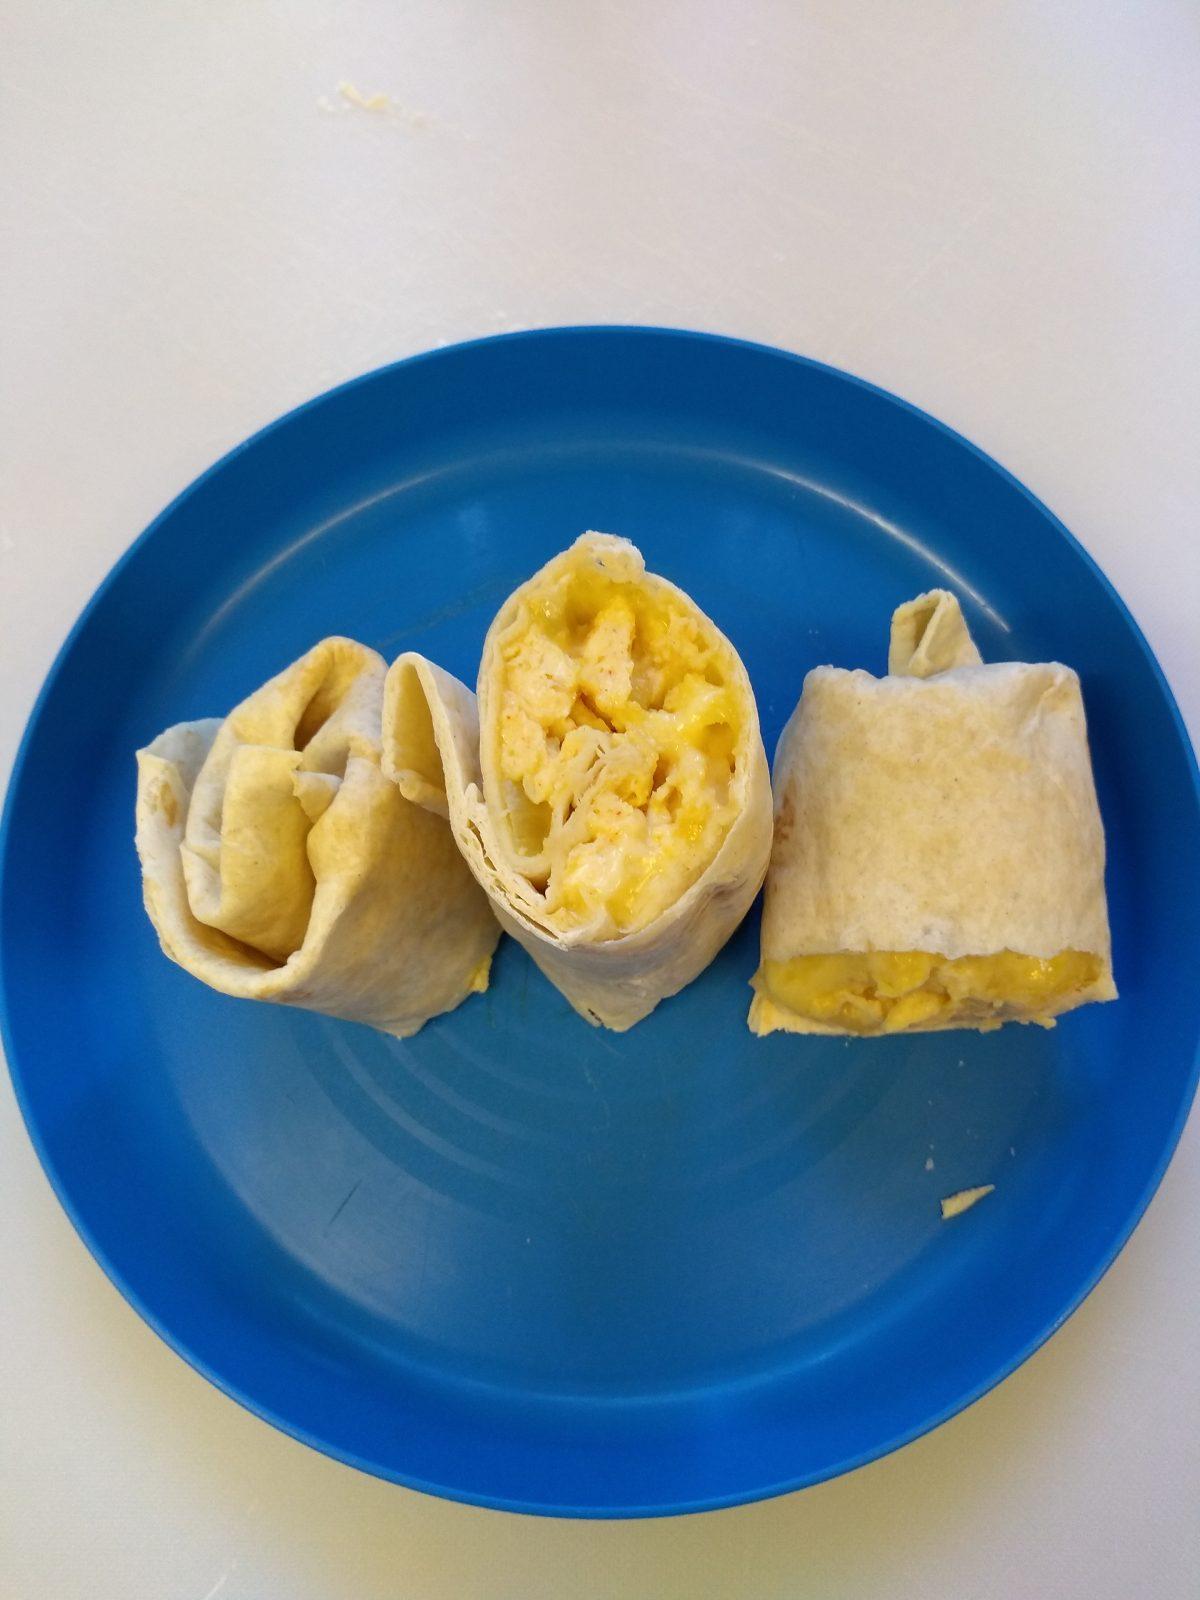 Weekly Recipe – Pesto Pasta (Nut Free)